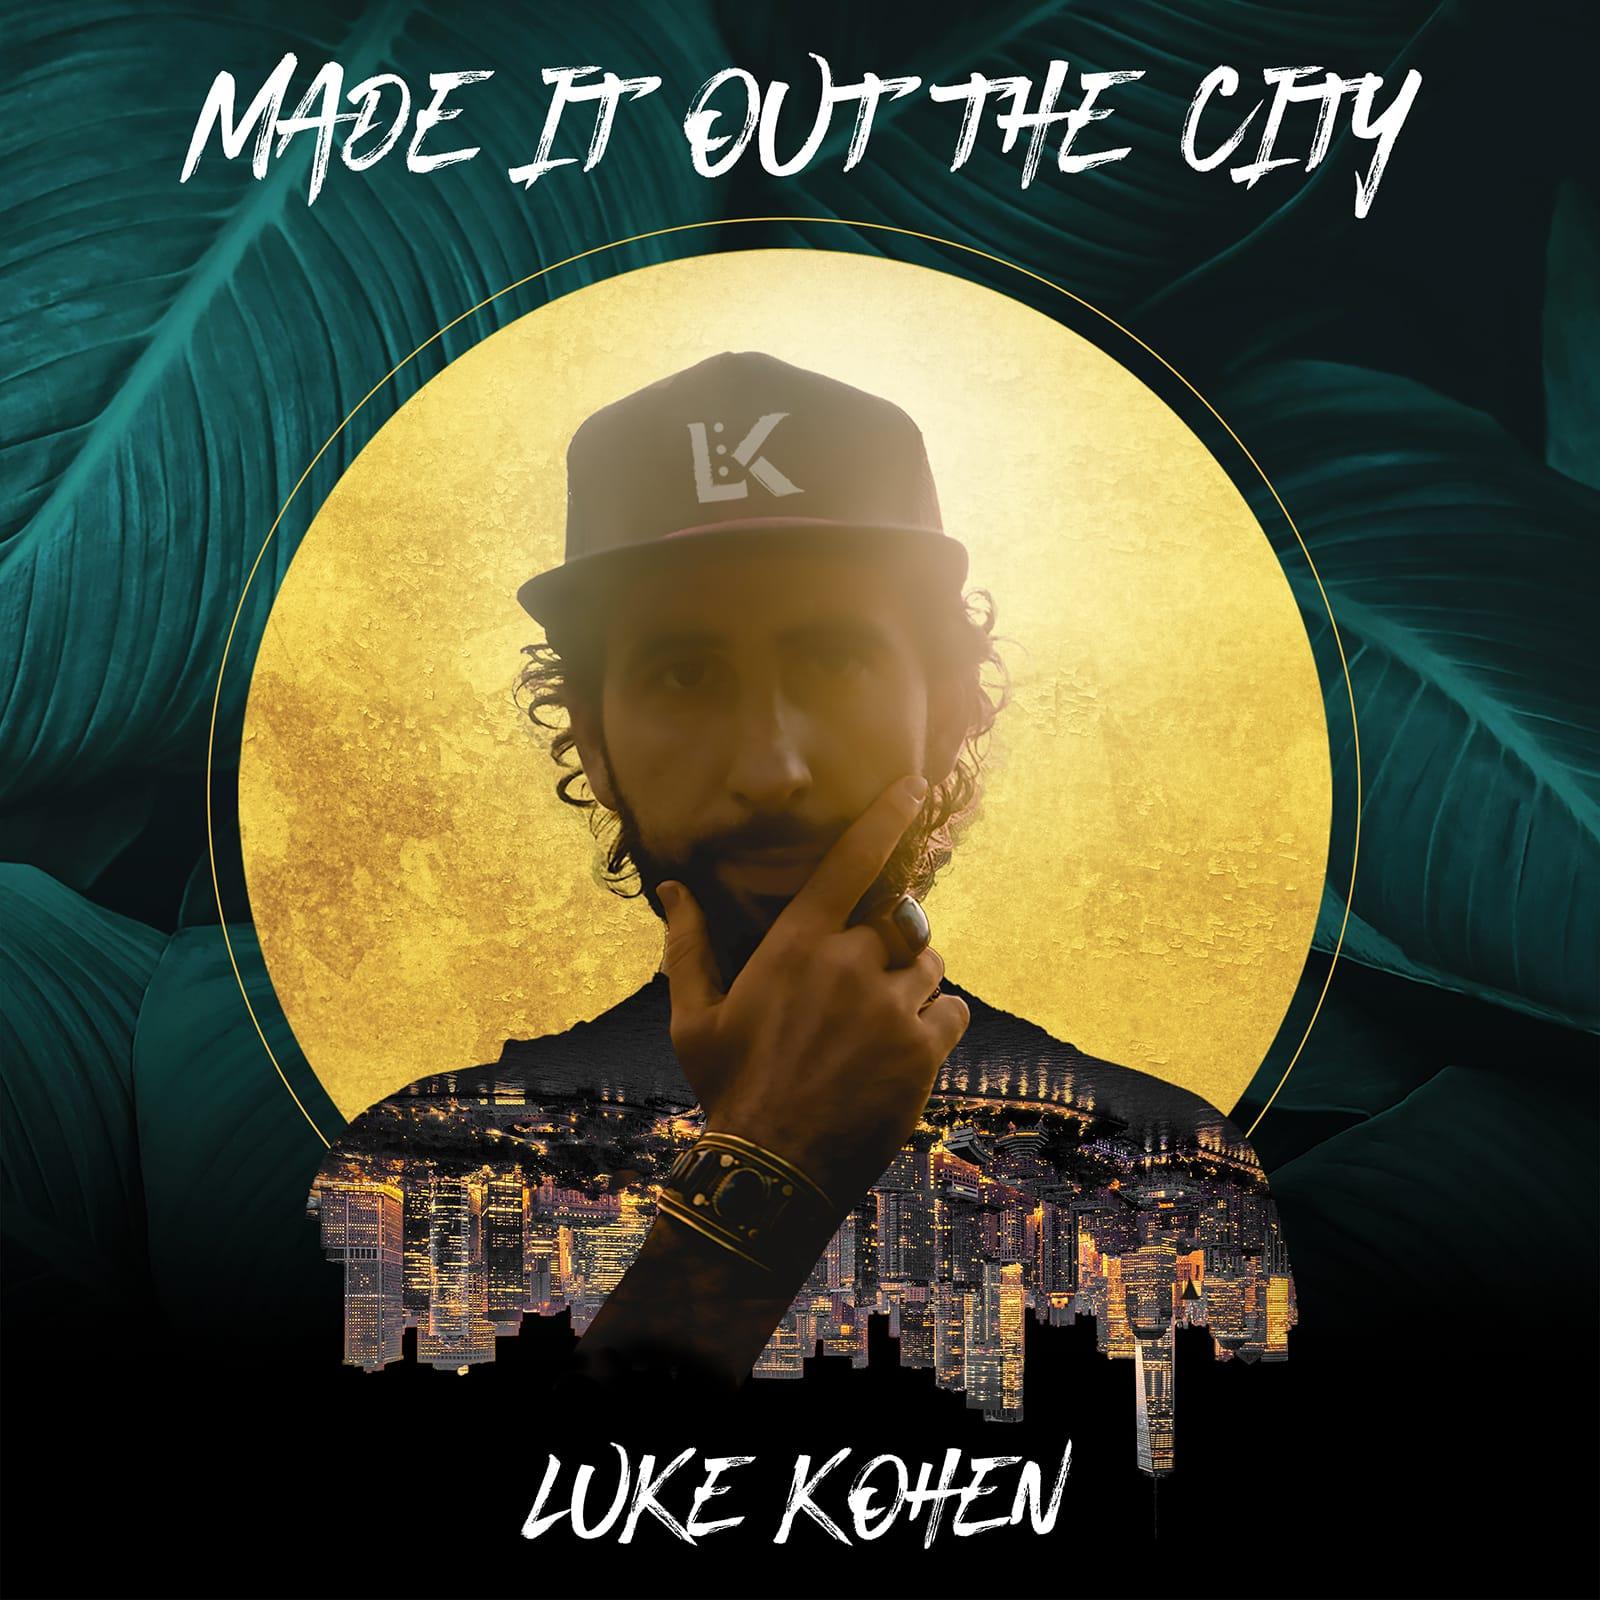 Music+ LukeKohen MadeItOutOfTheCity Cover 1600